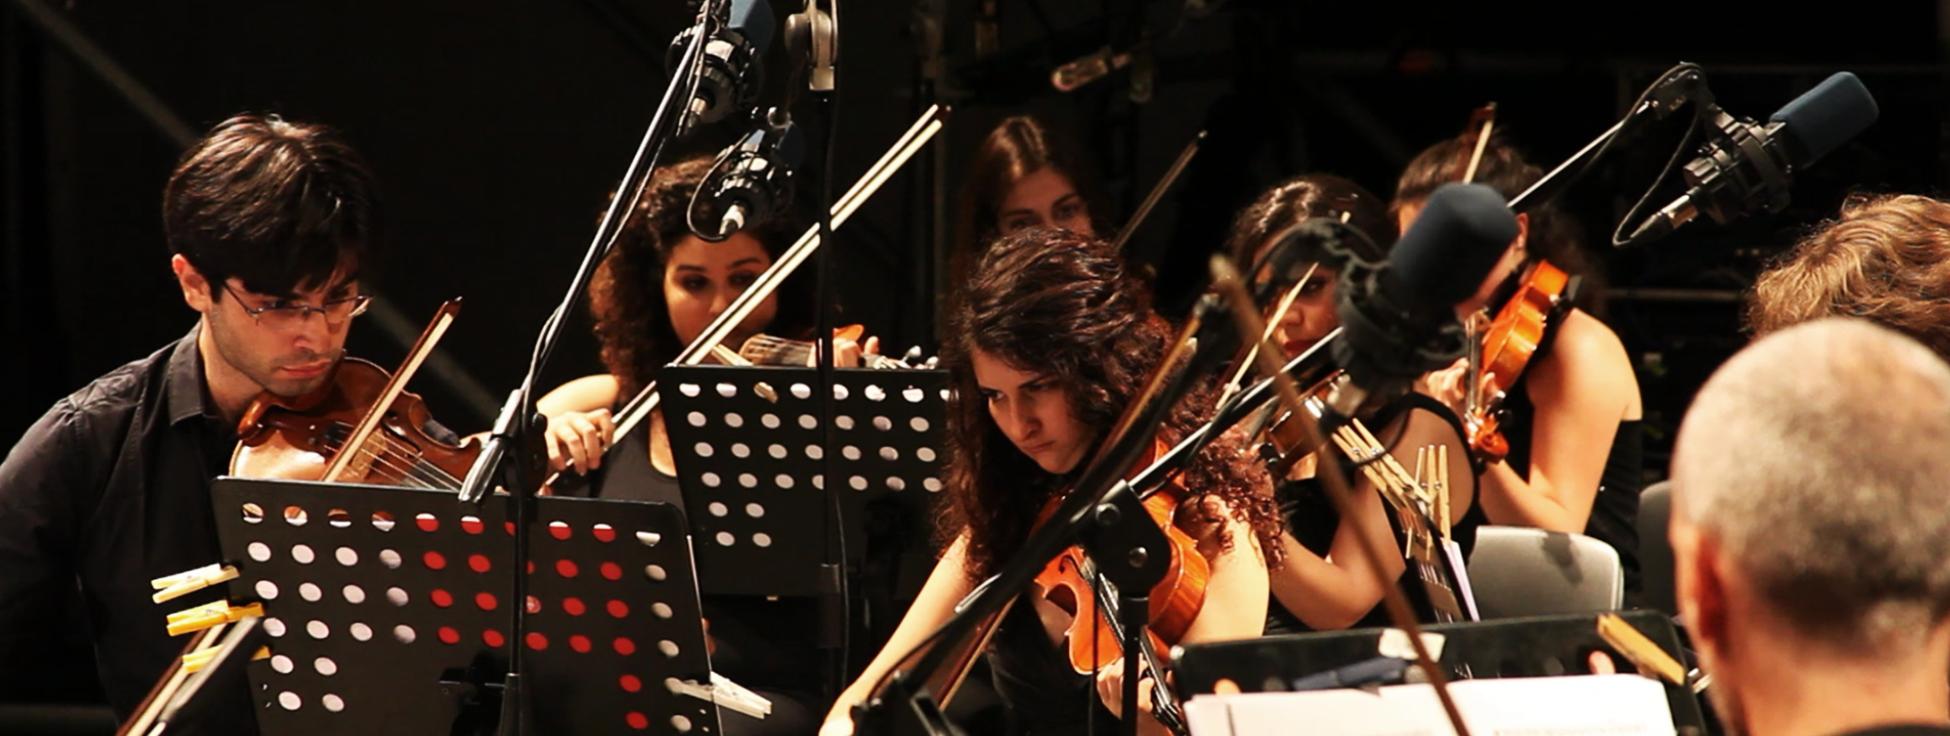 Sanzameta Concerti, spettacoli ed eventi live